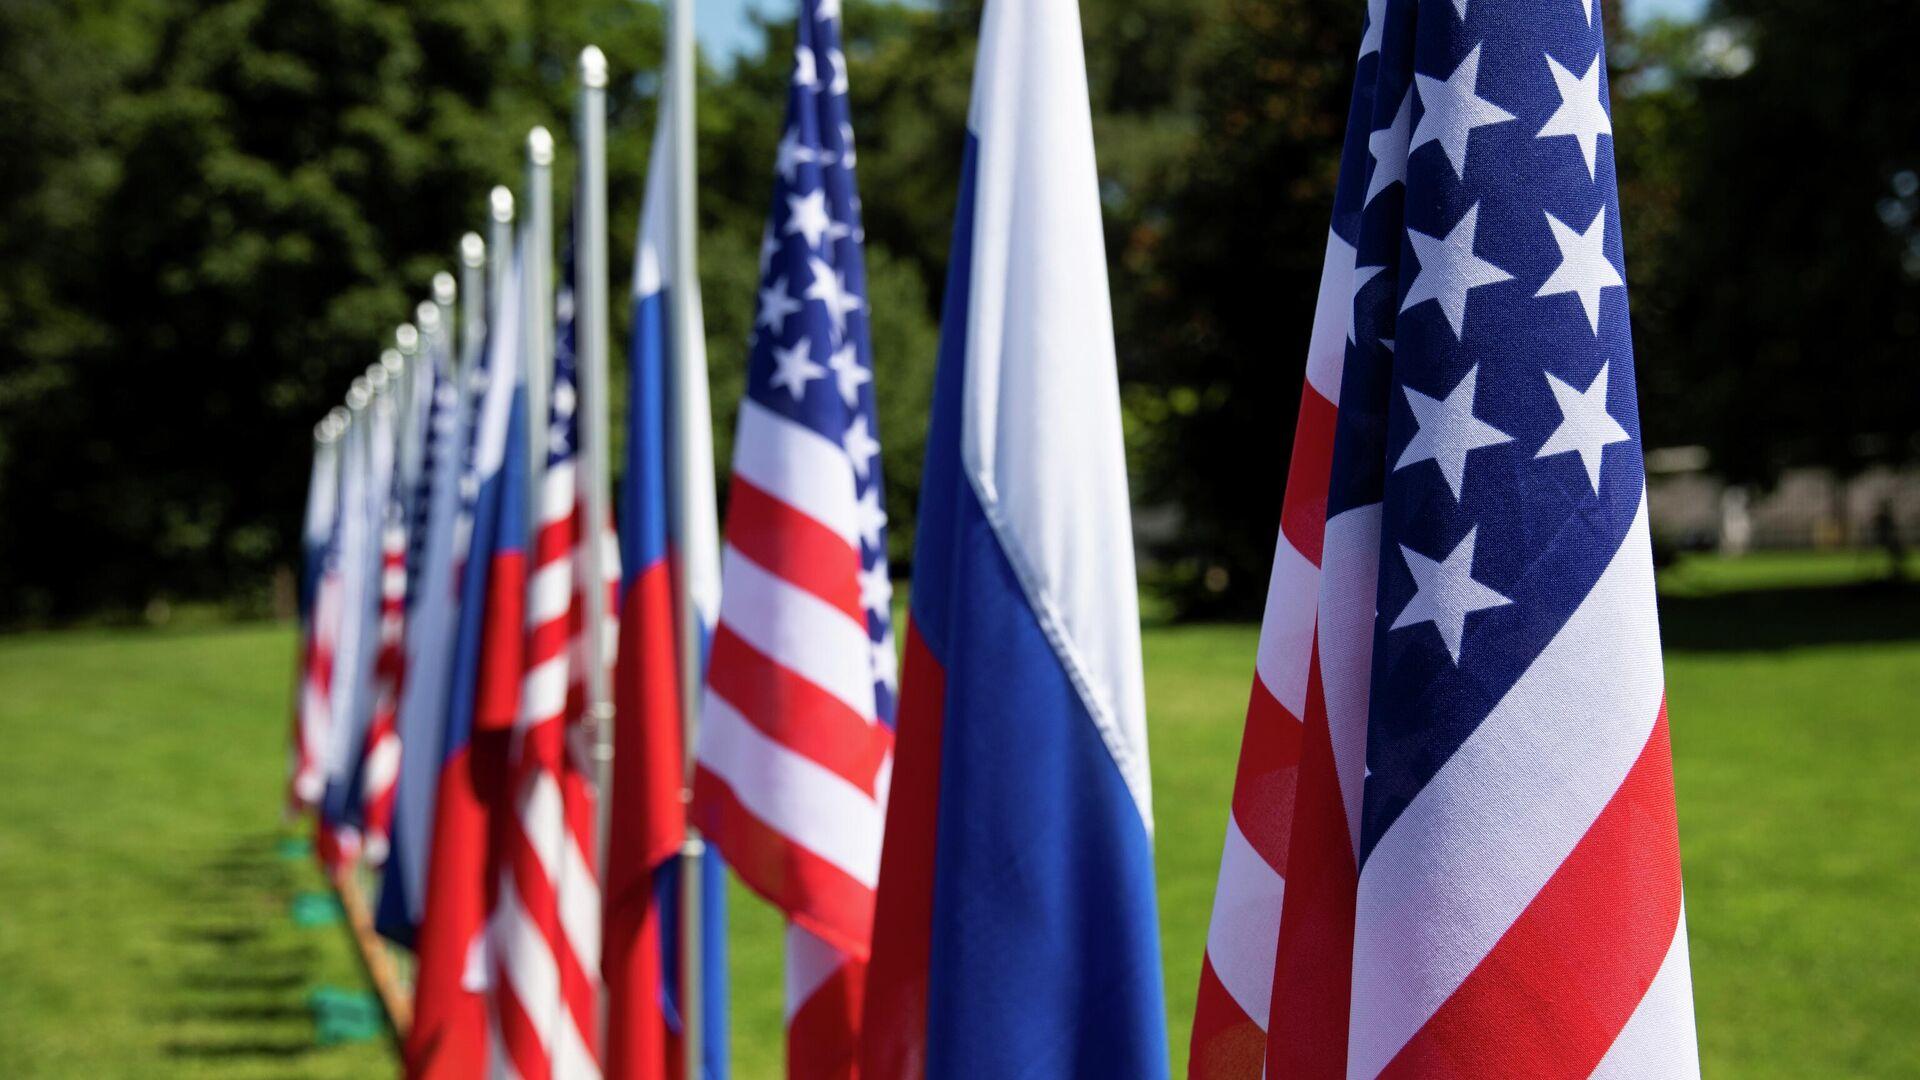 Banderas de EEUU y Rusia - Sputnik Mundo, 1920, 05.07.2021